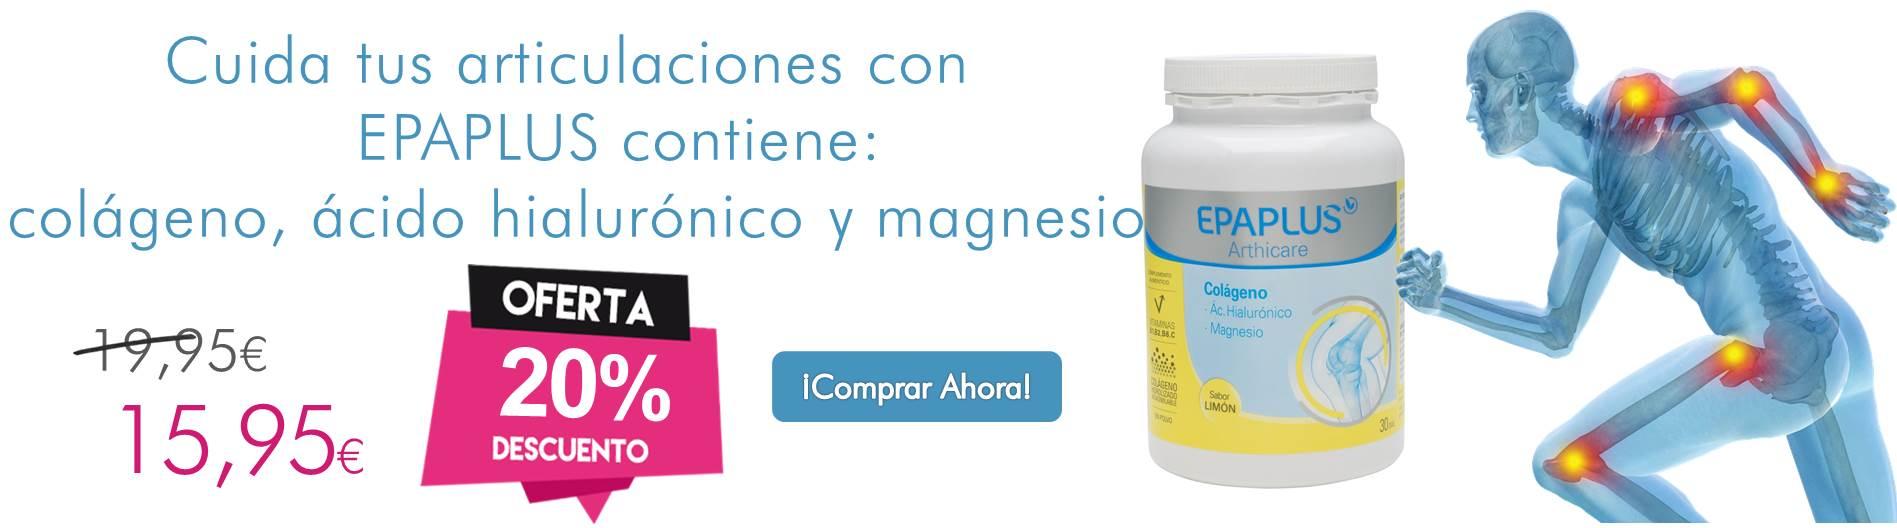 Epaplus colágeno ácido hialurónico magnesio